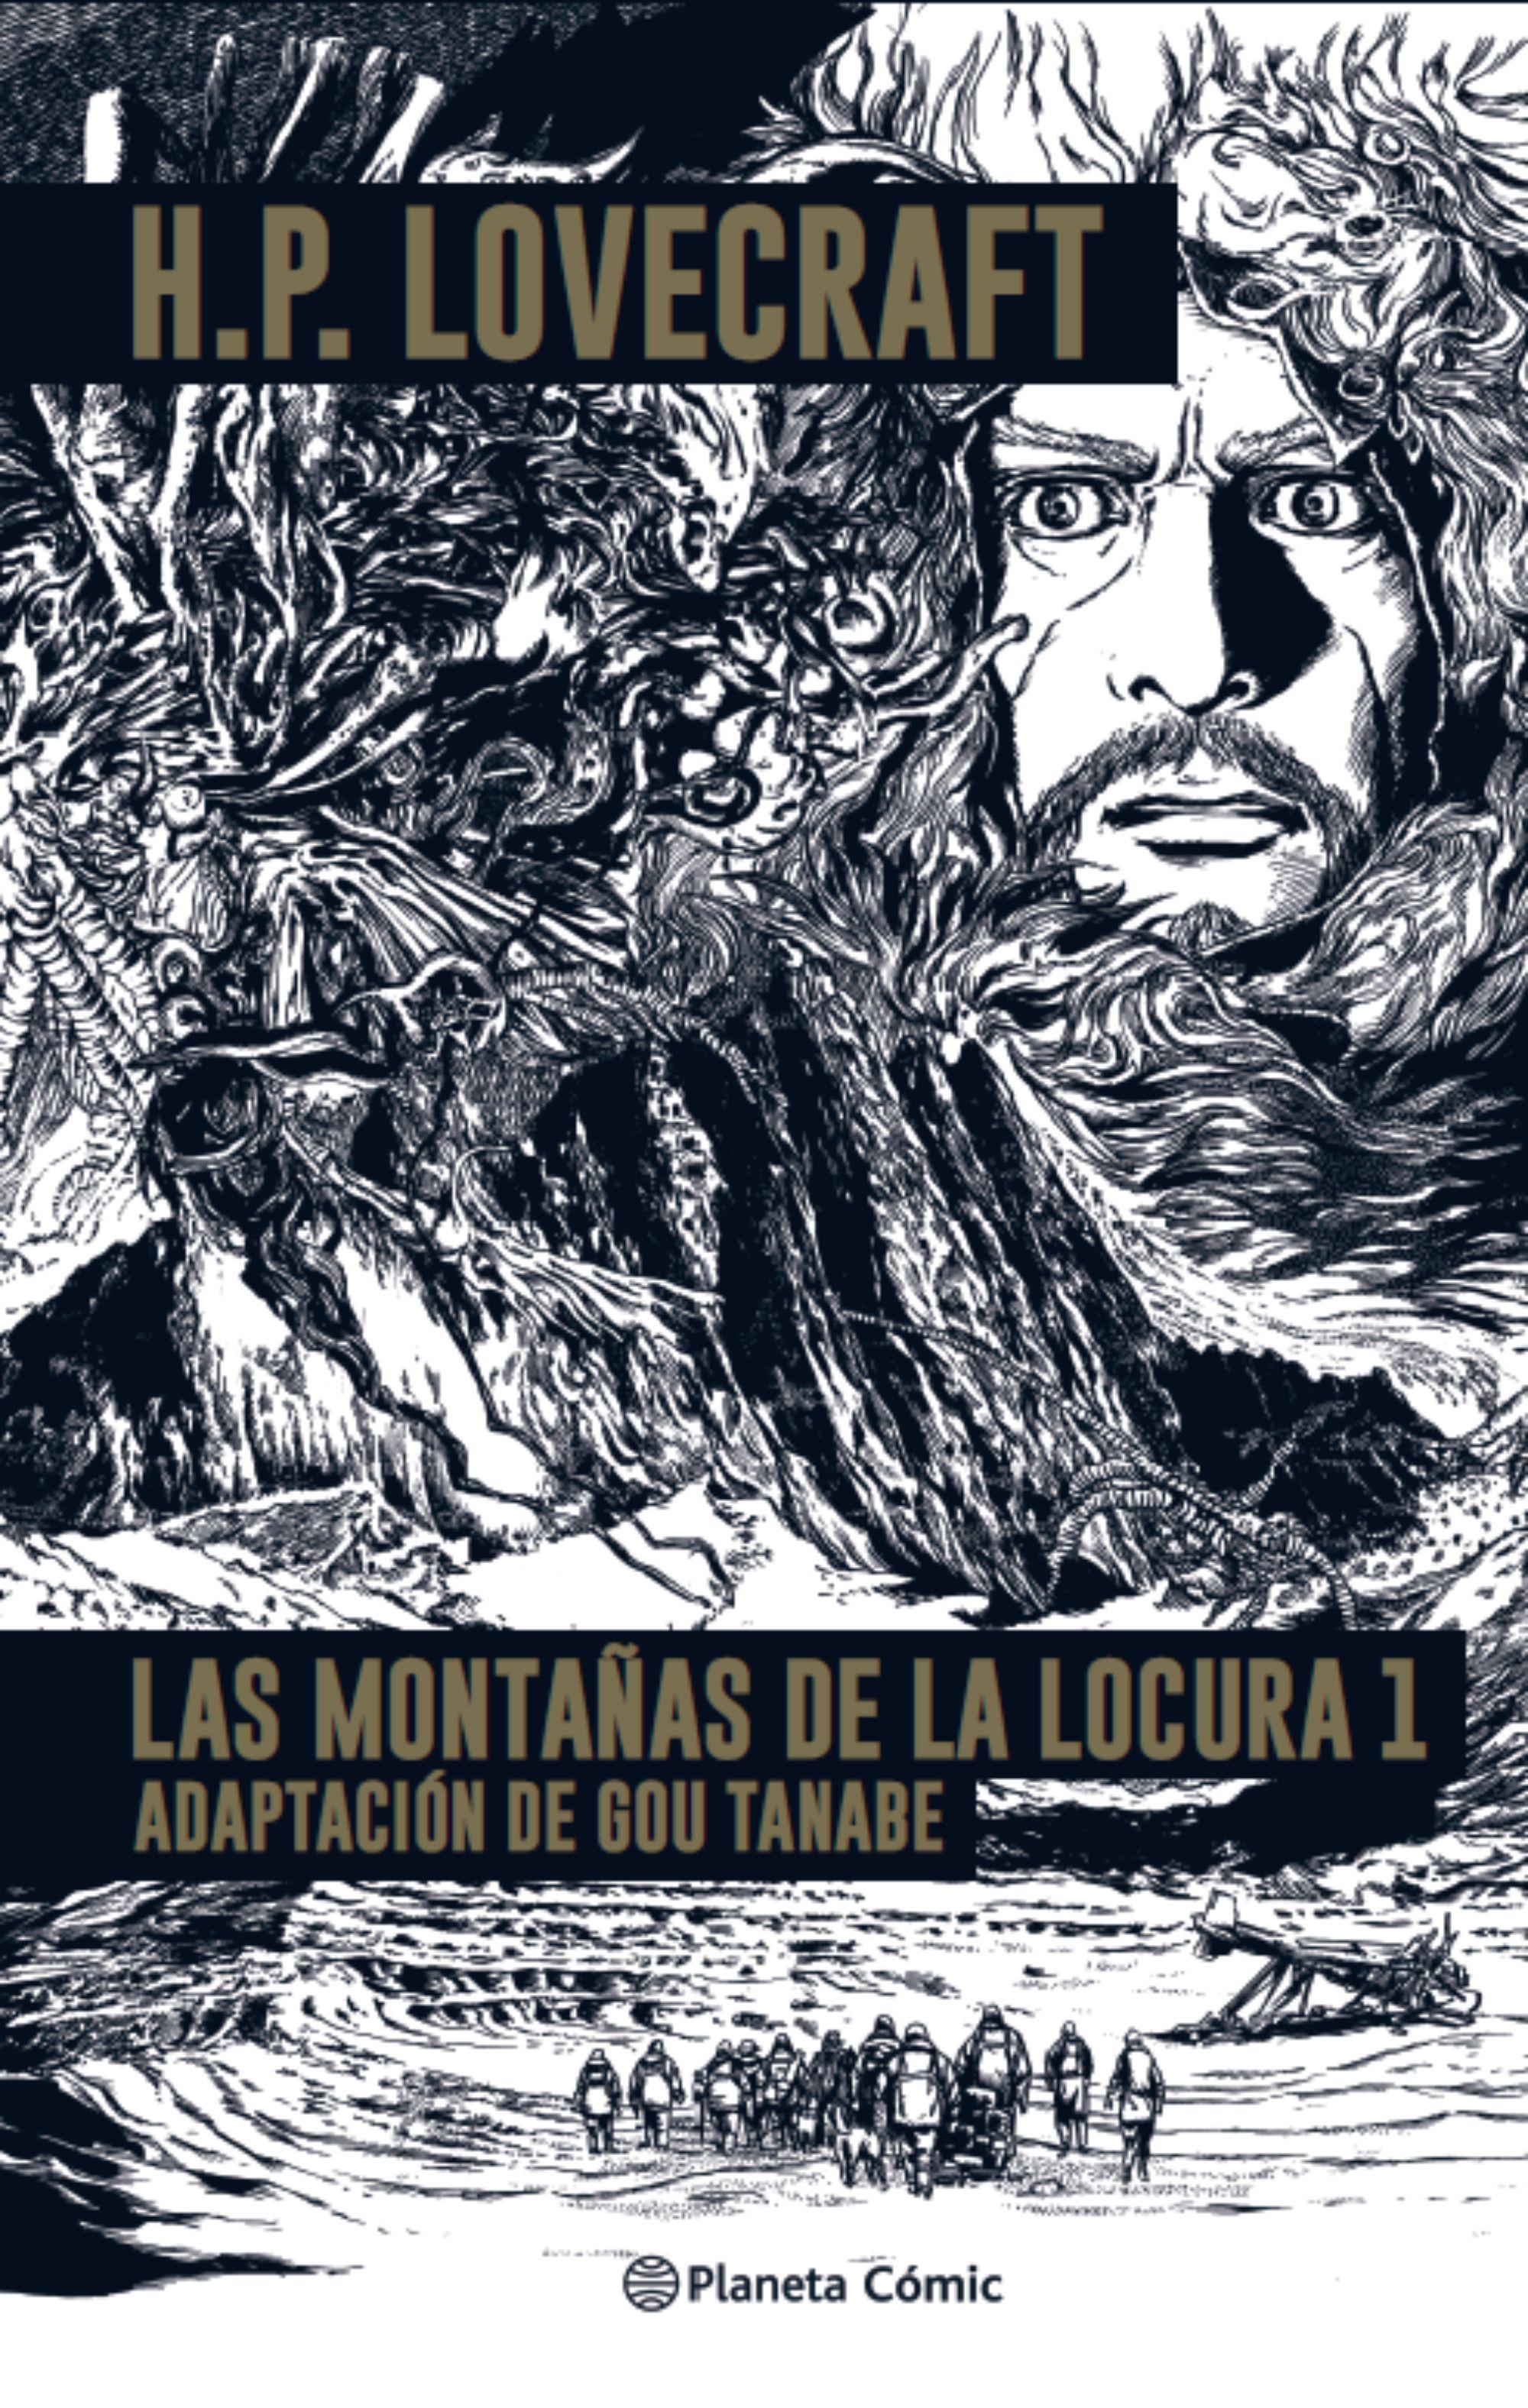 Las Montañas De La Locura - Lovecraft Nº 01/02 - Tanabe Go